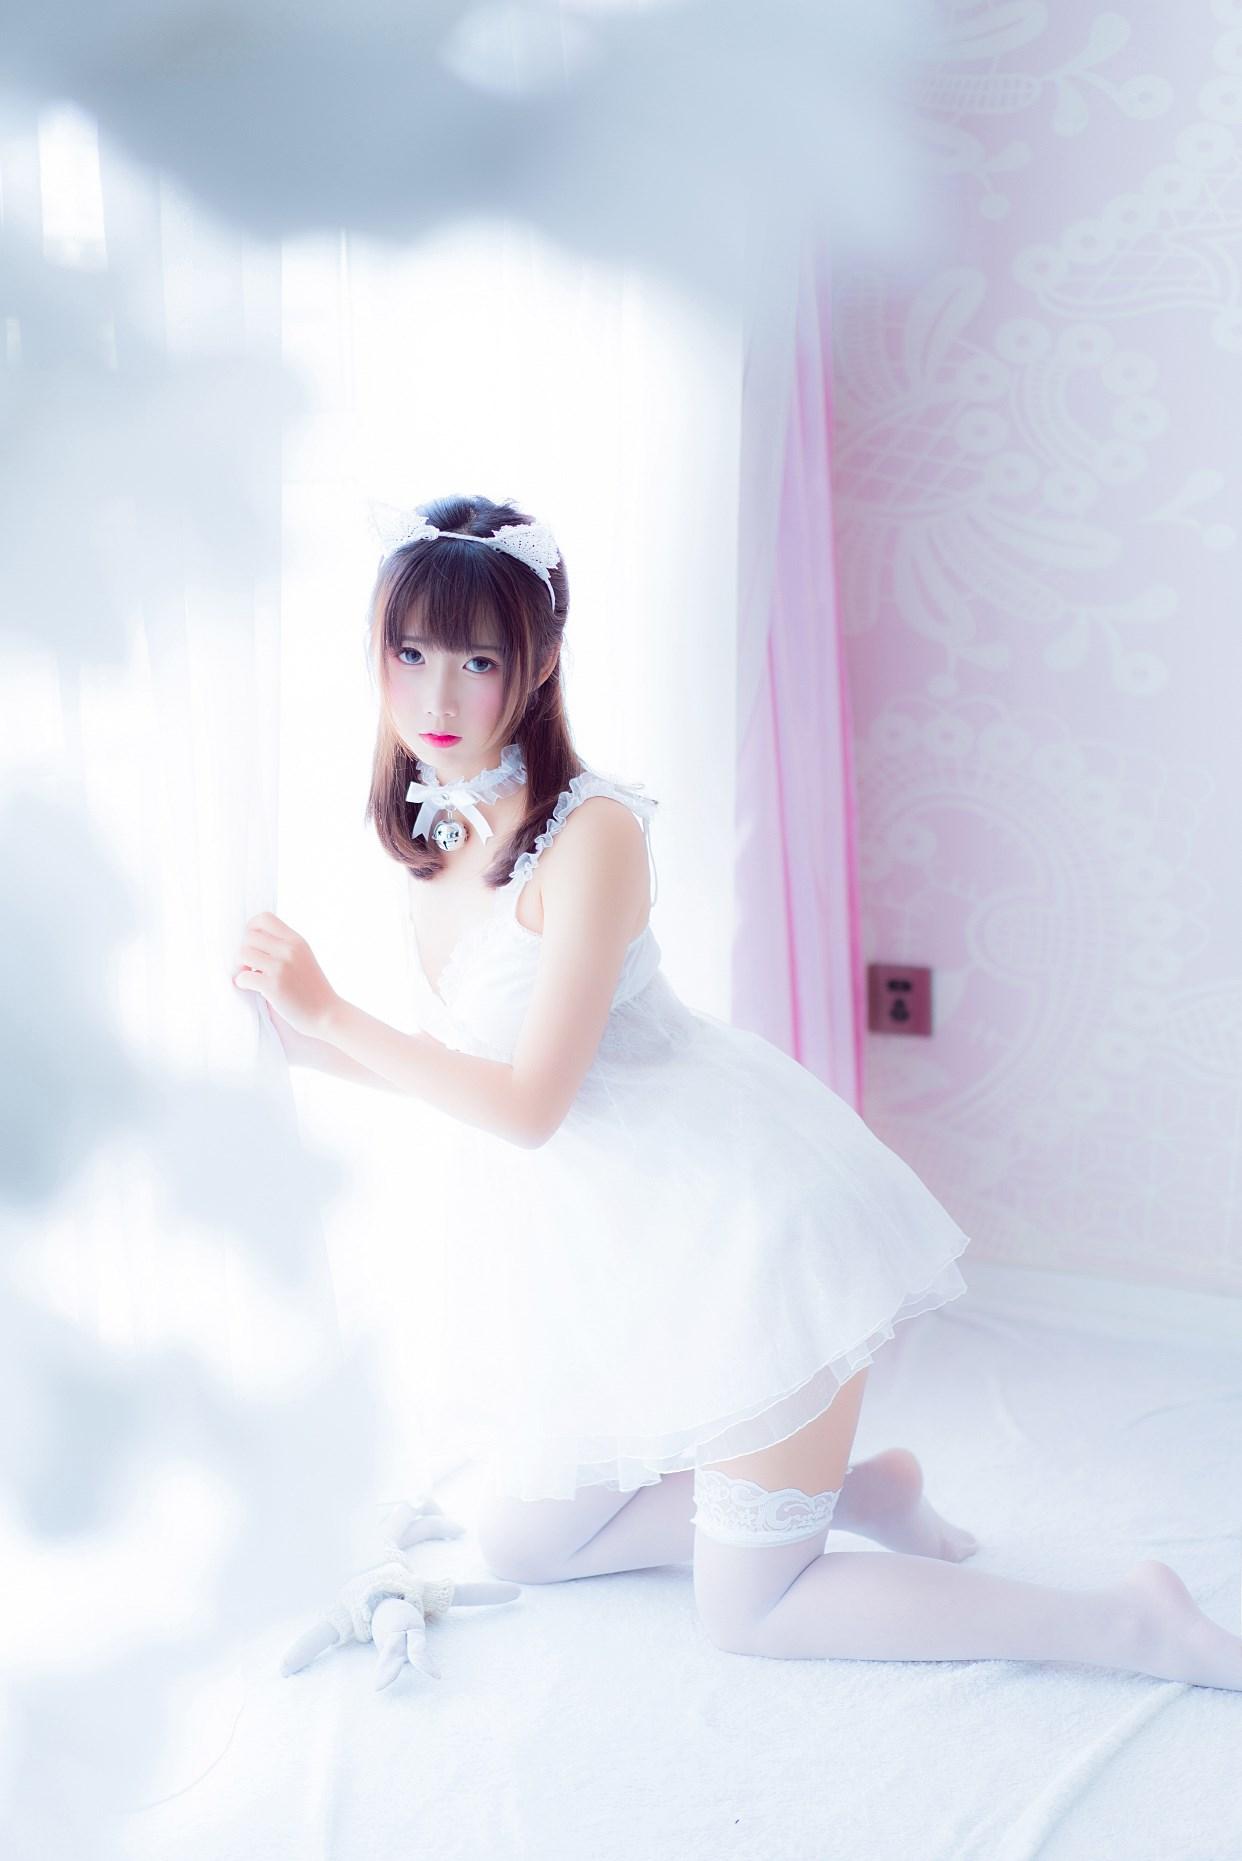 【兔玩映画】vol.12-吊带睡衣 兔玩映画 第7张